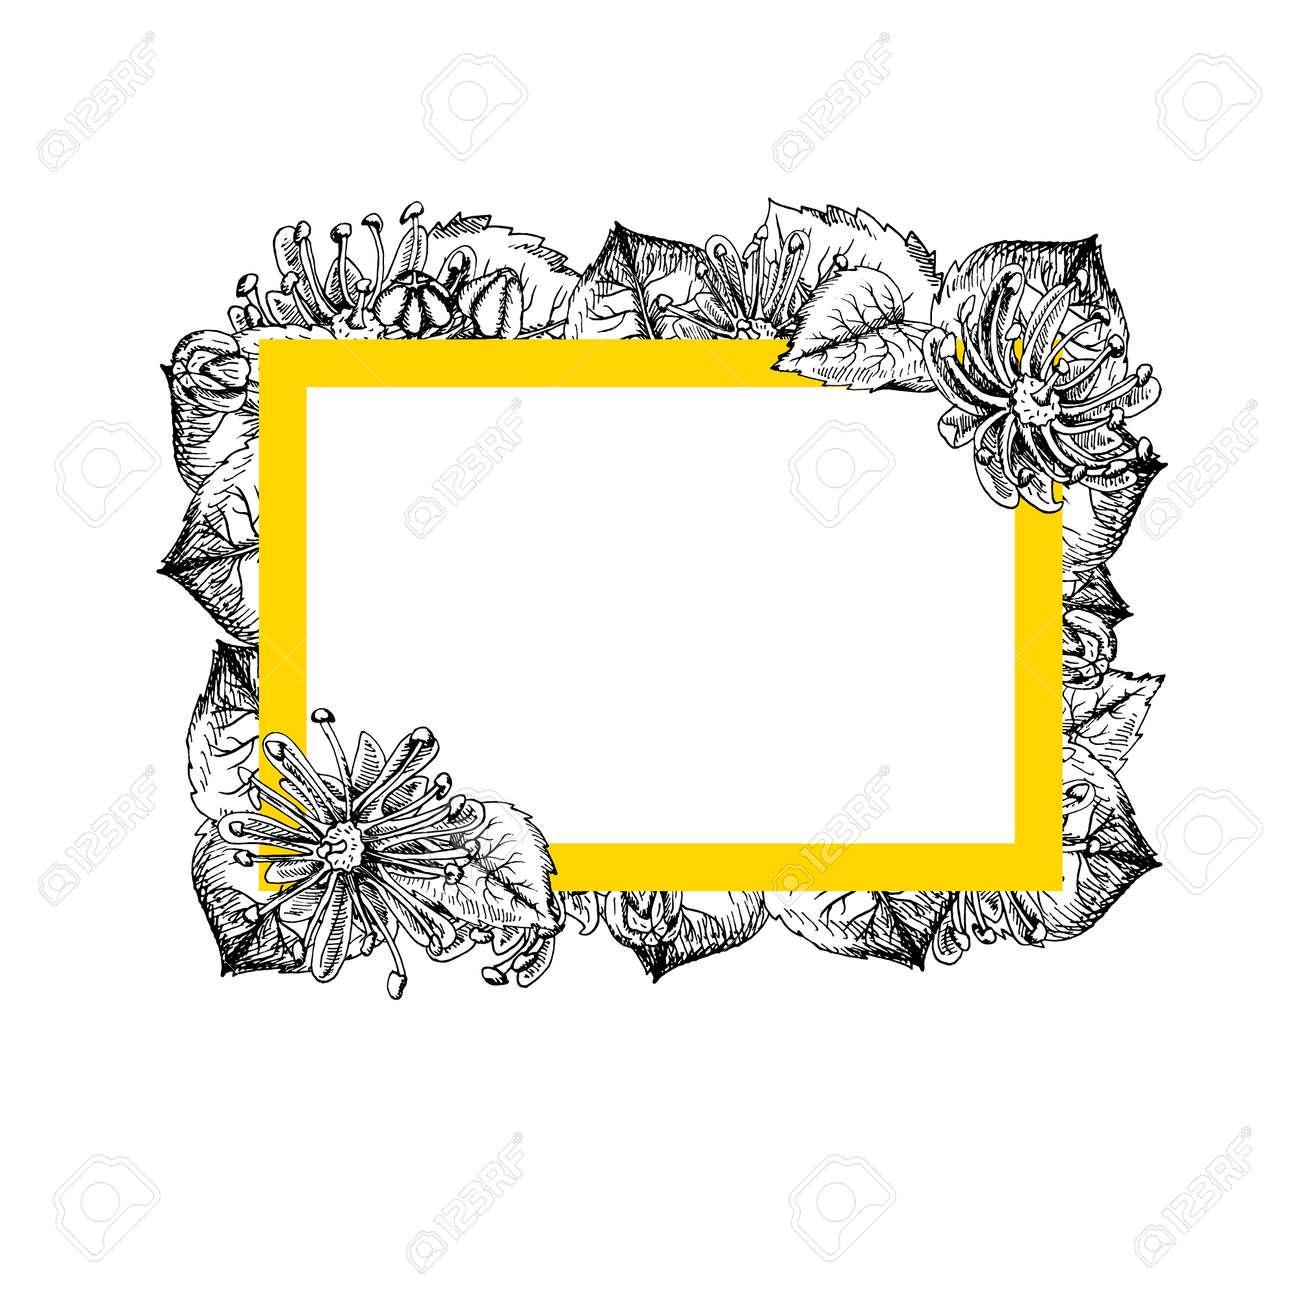 8d6ba864872e2 Marco Rectangular Con Flores De Tilo. Diseño De La Vendimia Gráfico En  Blanco Y Negro. Plantilla Con Flores De Tilo. Patrón De Estilo De La  Vendimia.